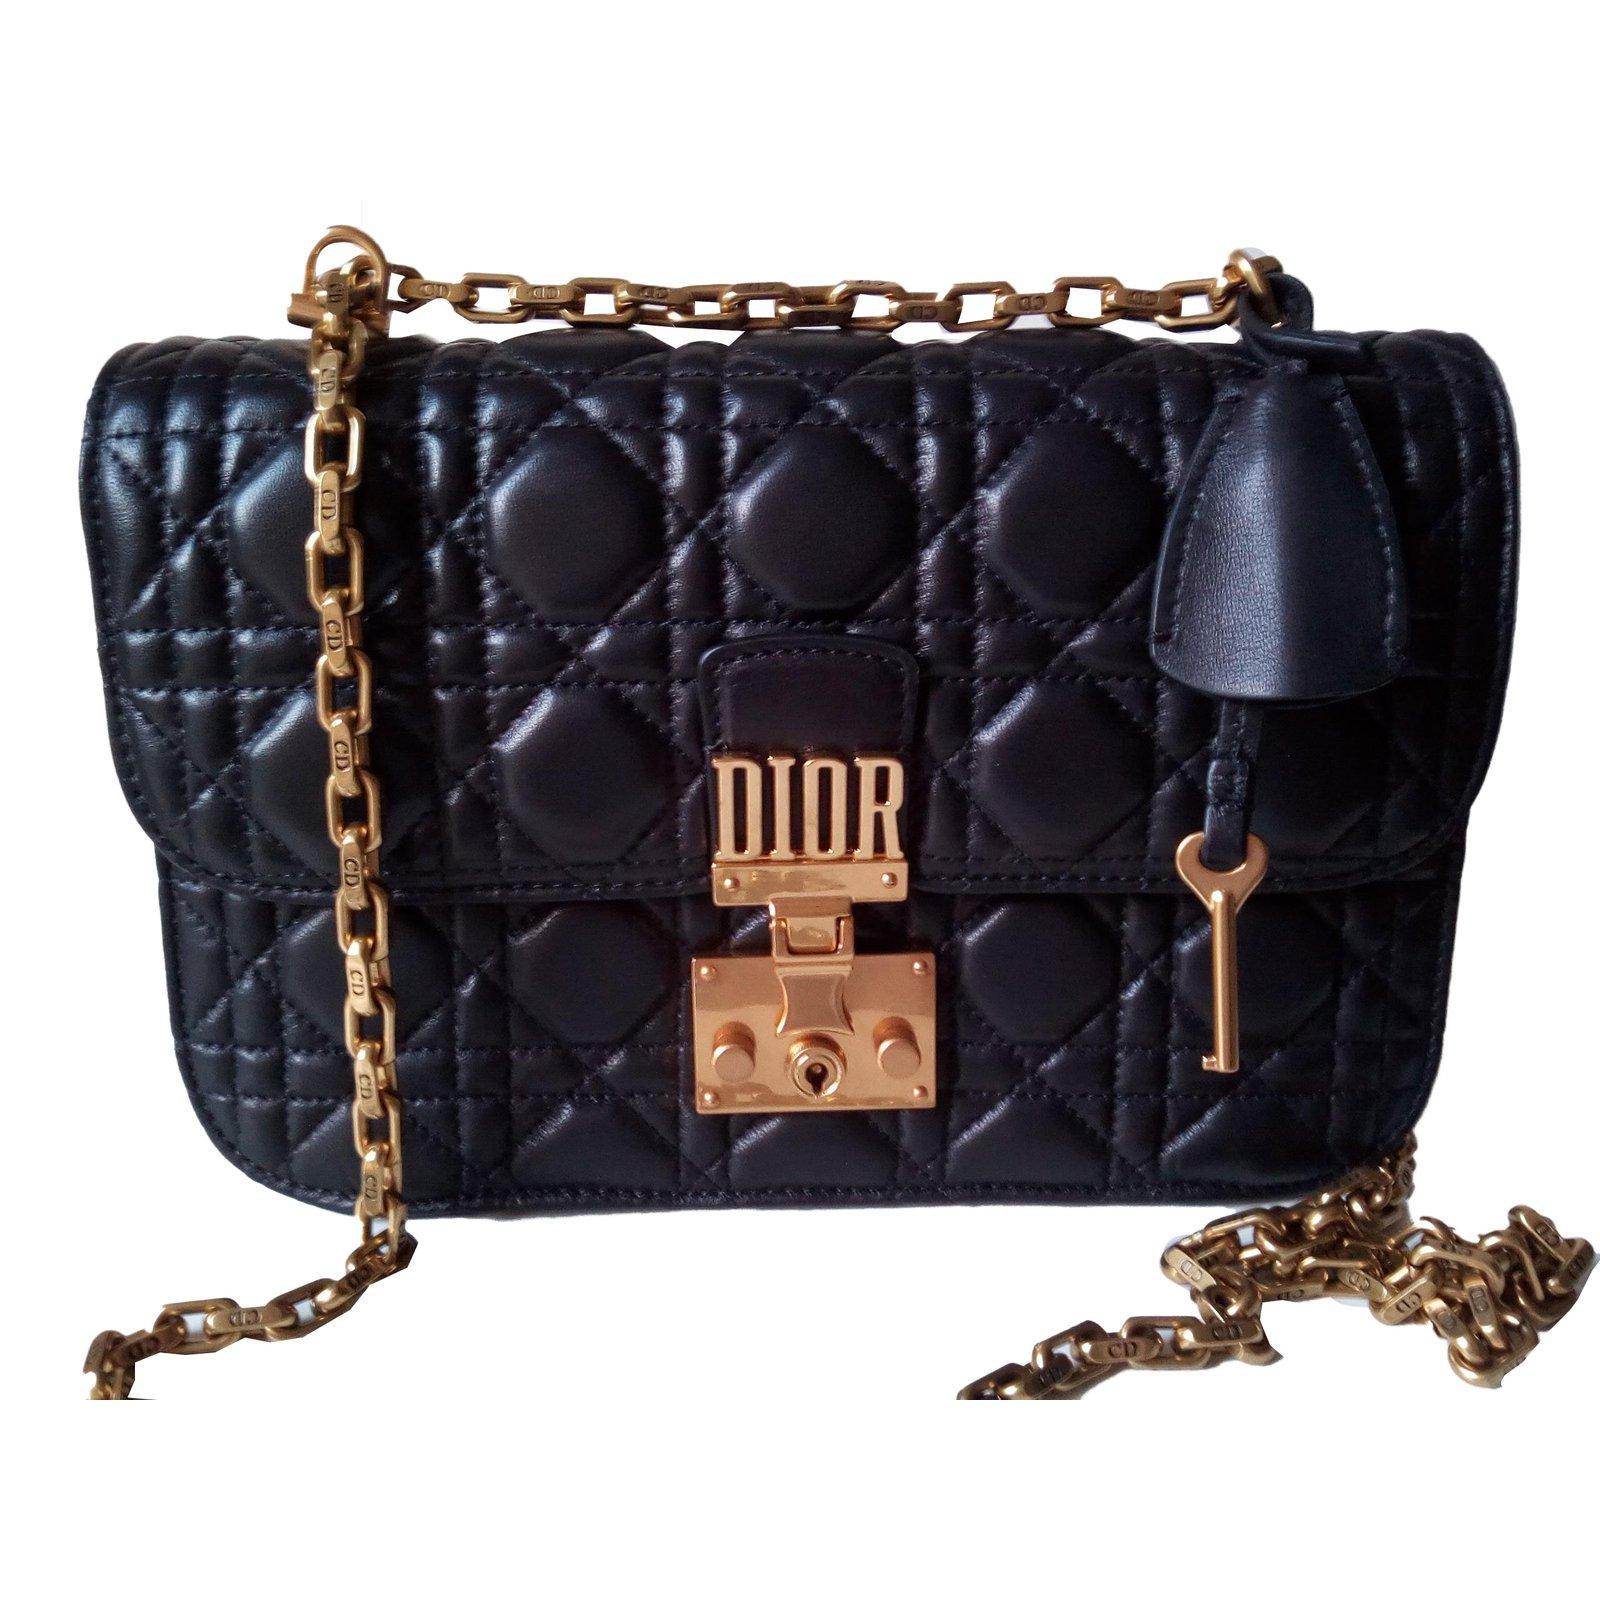 7fd198b5ca8 Dior Dioraddict cannage lambskin black Handbags Lambskin Black ref.47009